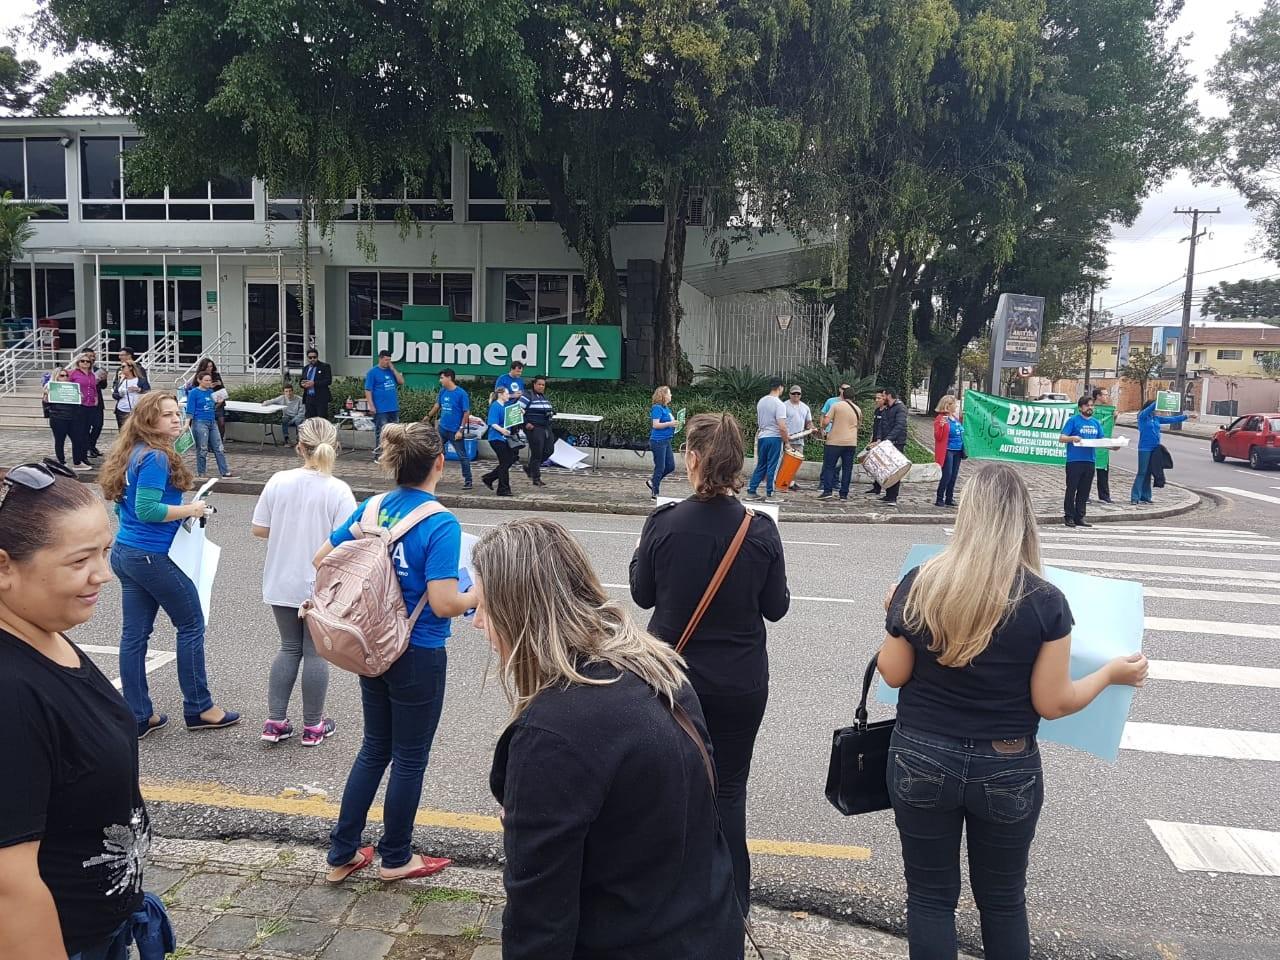 Pais de filhos com necessidades especiais fazem protesto em Curitiba contra mudança em plano de saúde